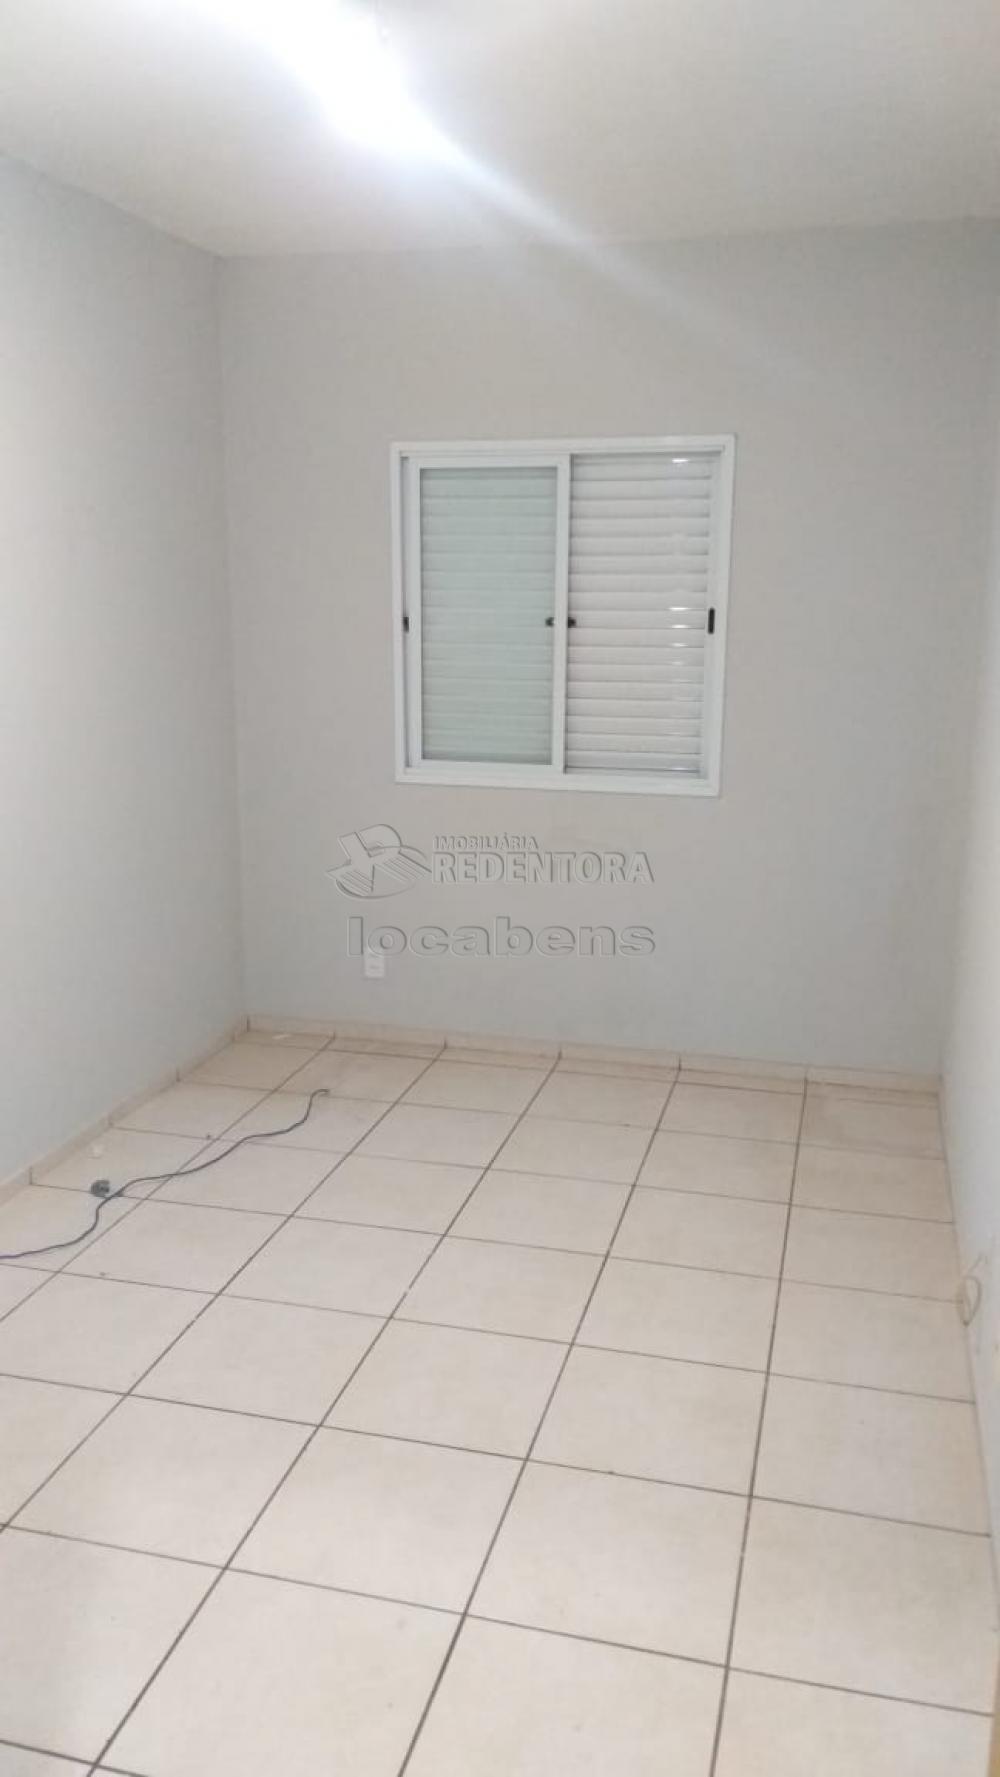 Alugar Apartamento / Padrão em São José do Rio Preto R$ 550,00 - Foto 14